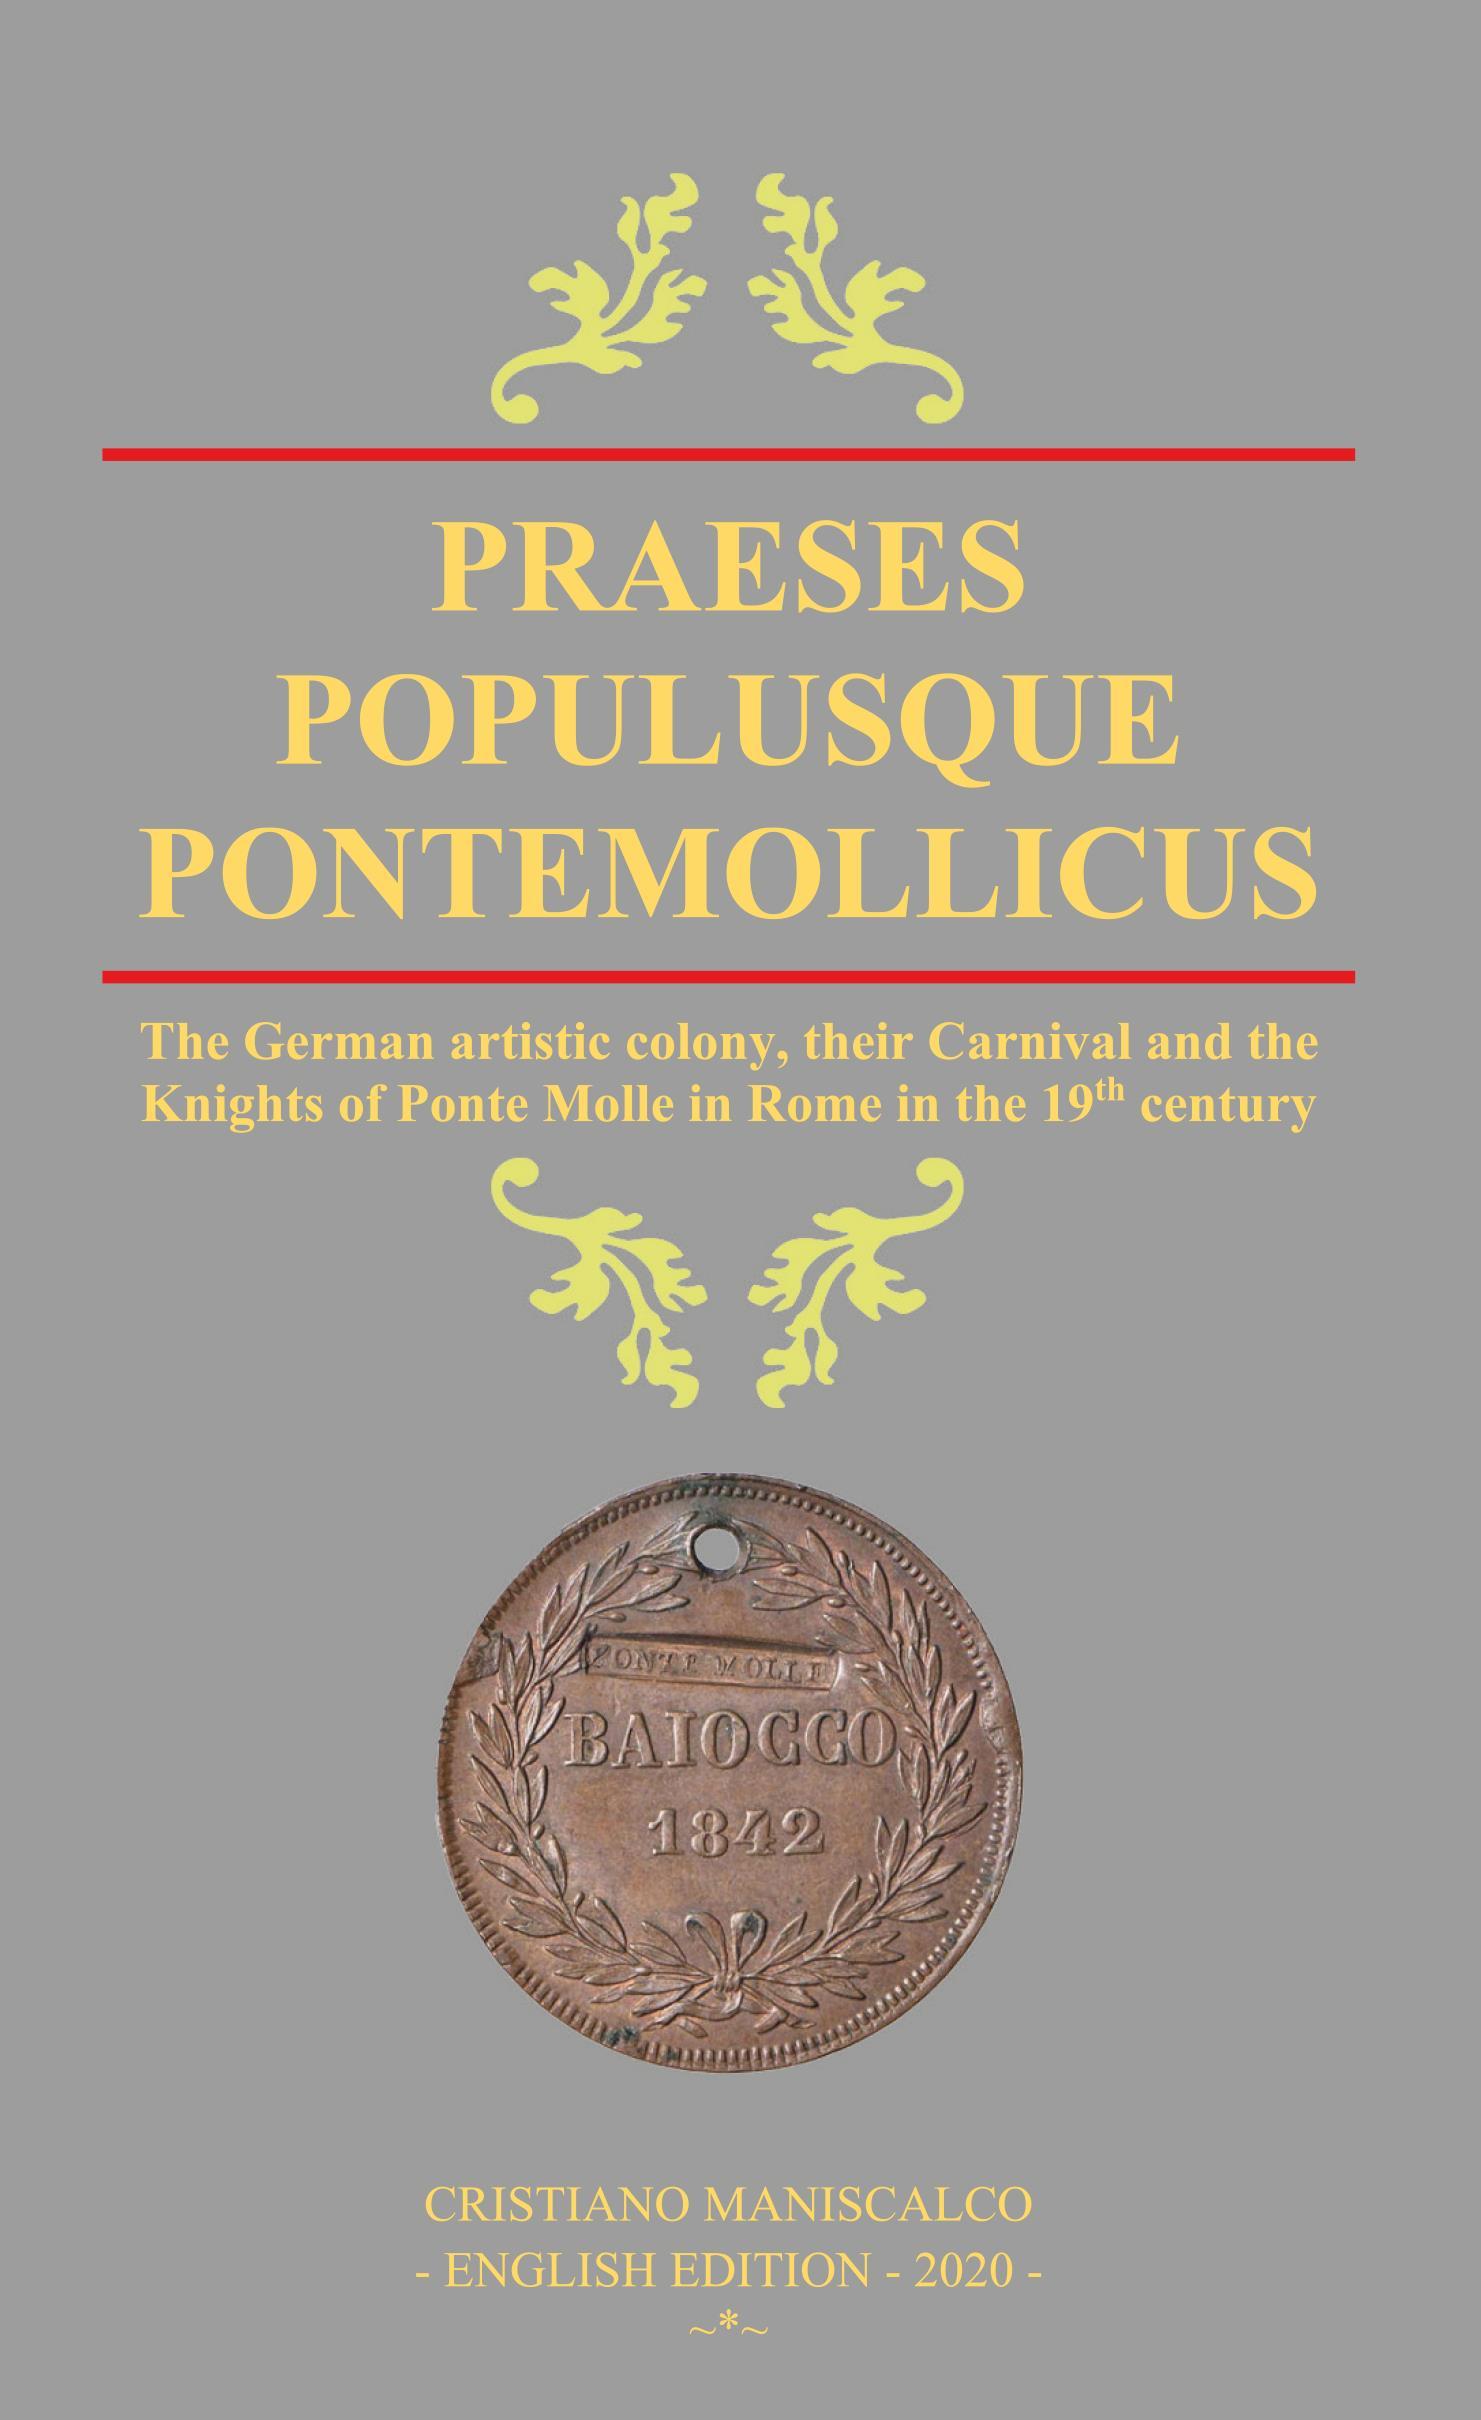 PRAESES POPULUSQUE PONTEMOLLICUS - ENG20